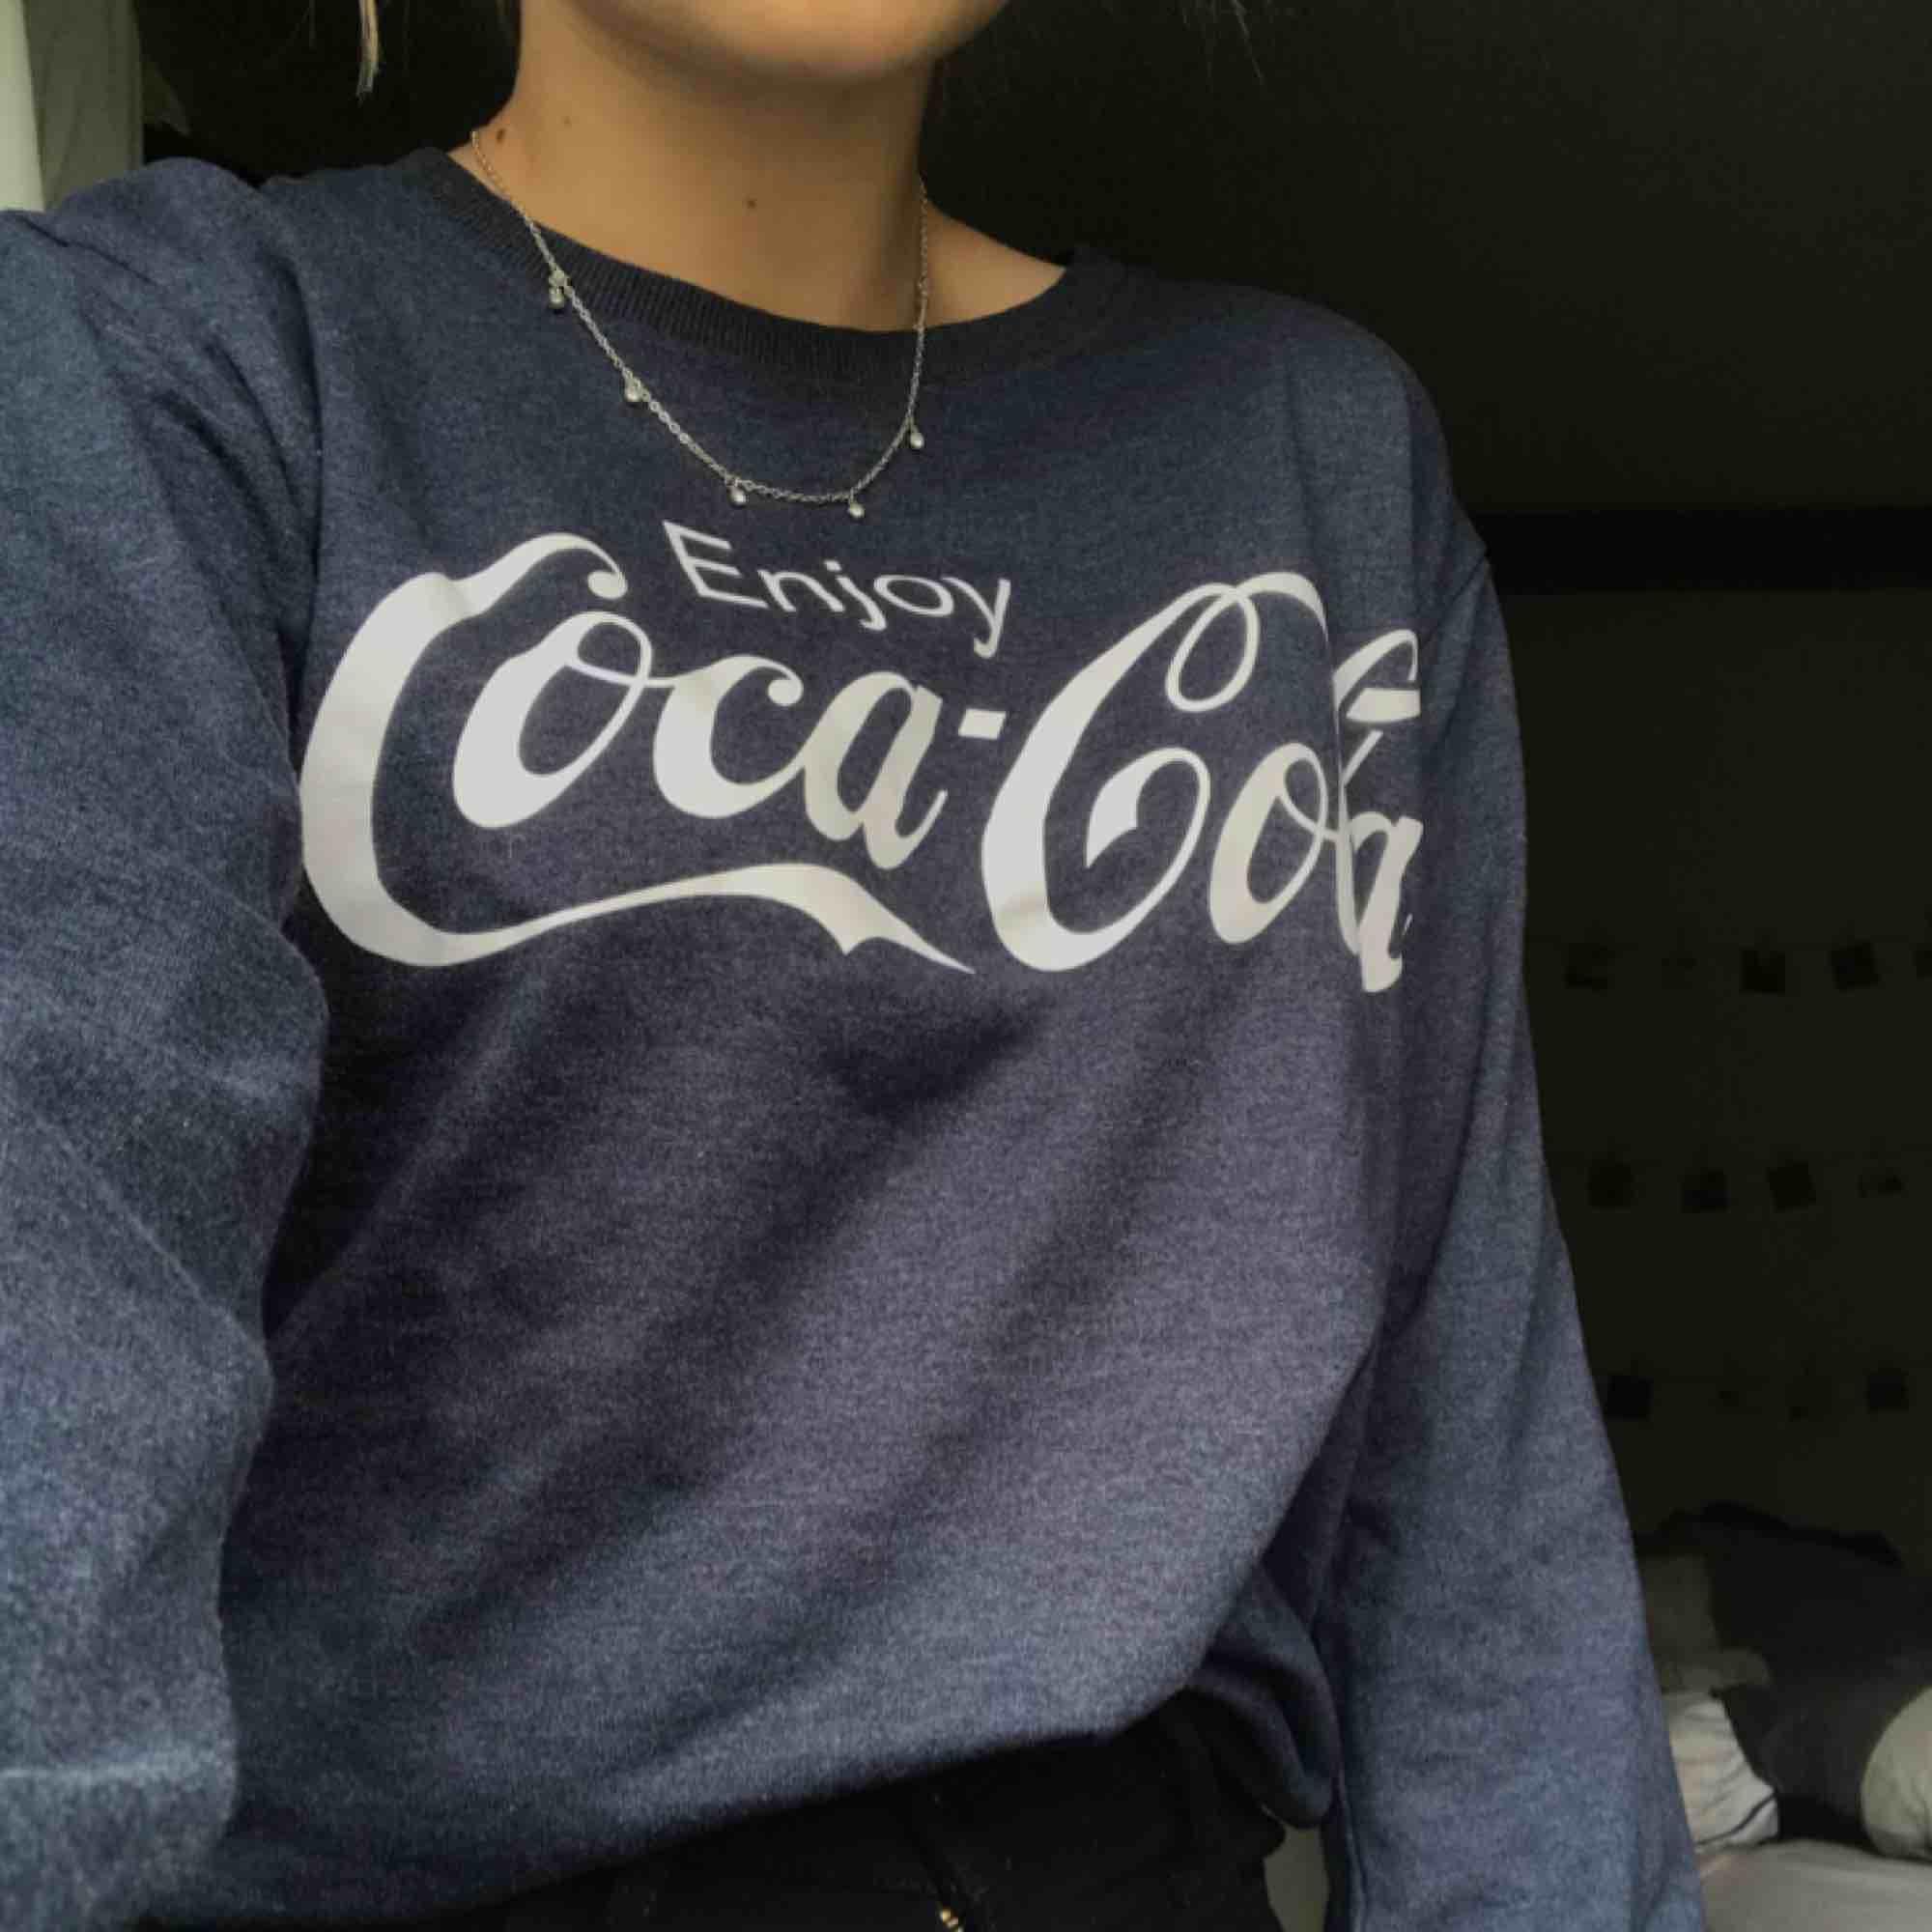 Coca-cola tröja i storlek S Använd ett fåtal gången. Tröjor & Koftor.